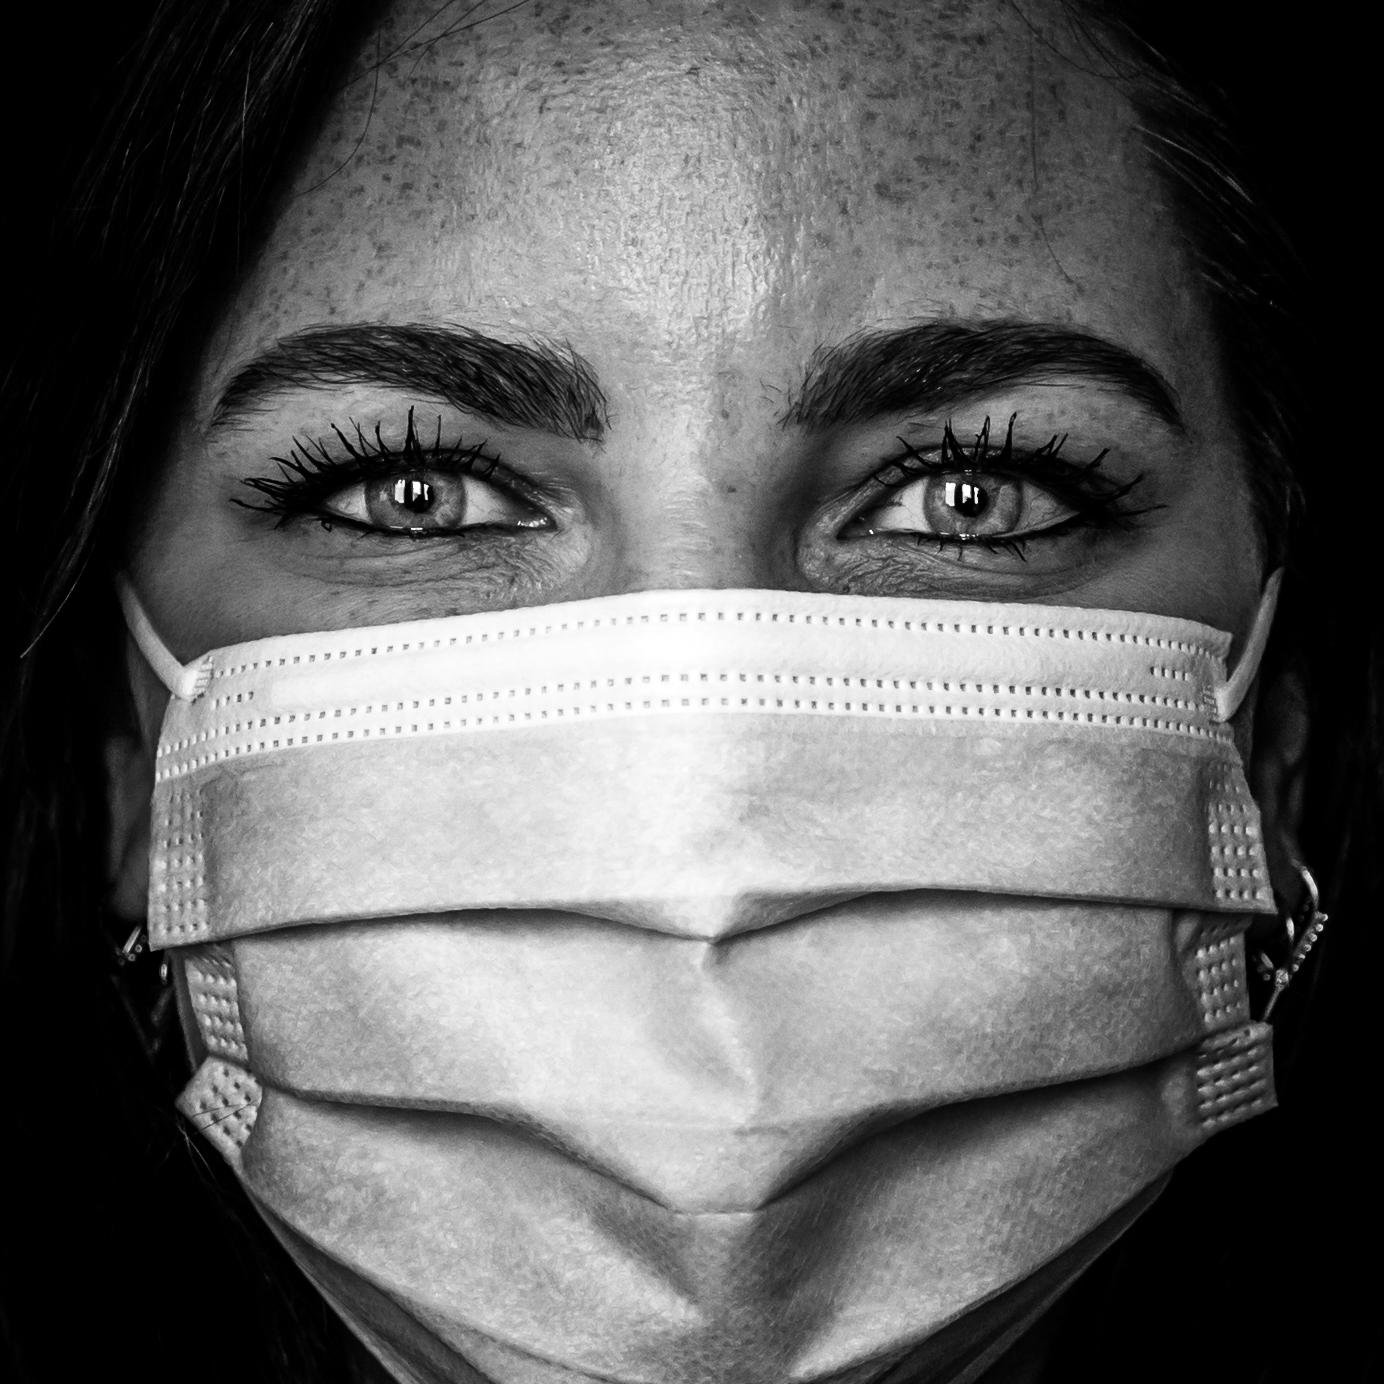 Anne de Buck – Mask Portrait Series (Ashkan Mortezapour Photography) (1 of 1)